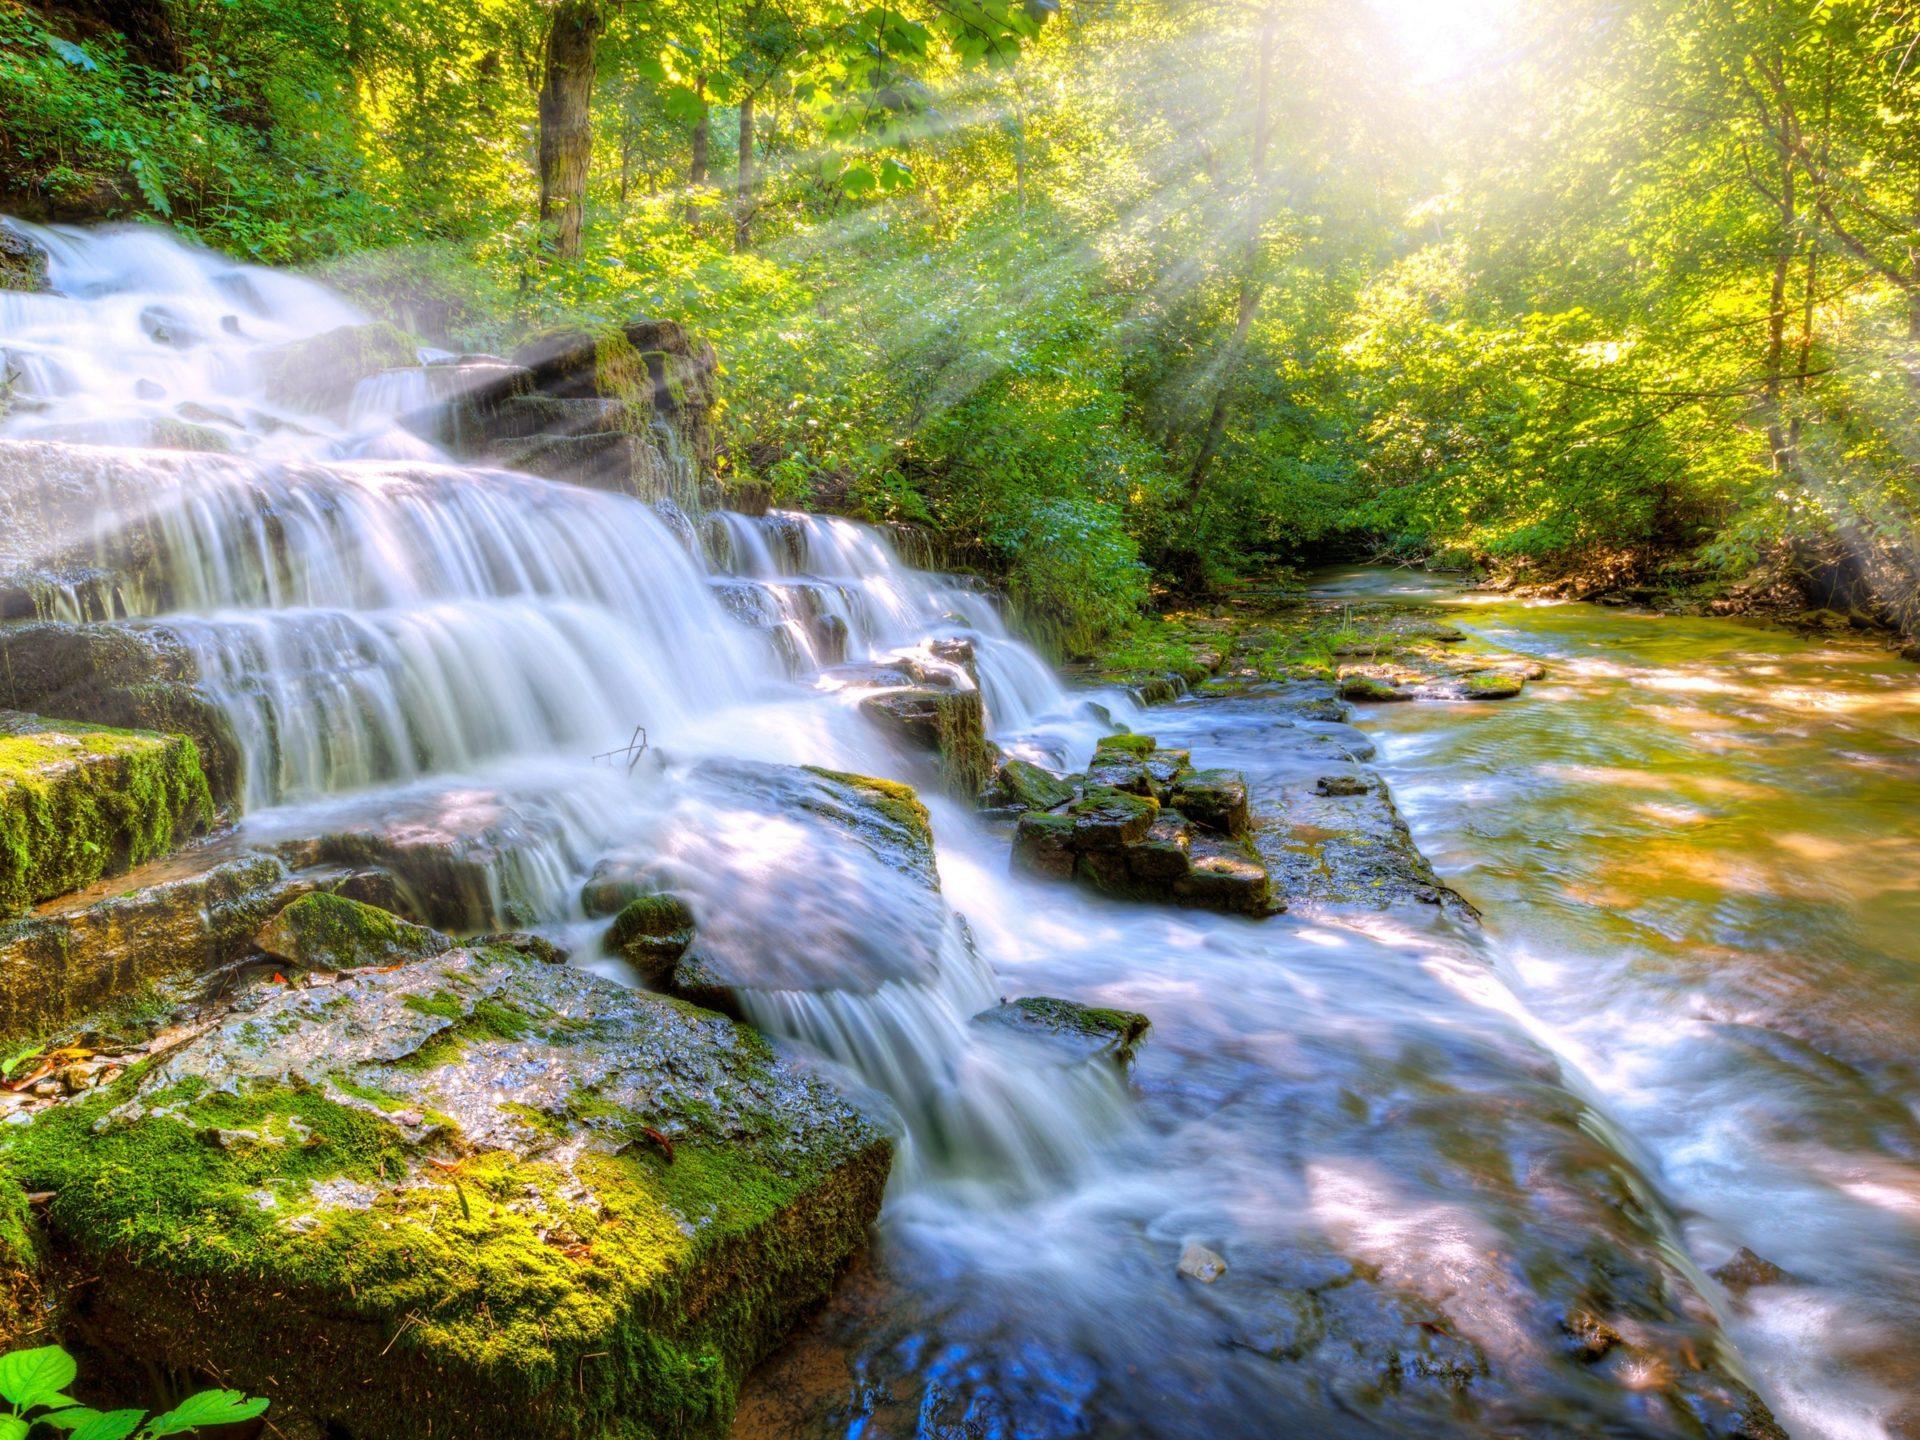 Niagara Falls Wallpaper 1920x1080 Cascade Waterfall River Stones With Moss Green Sunlight